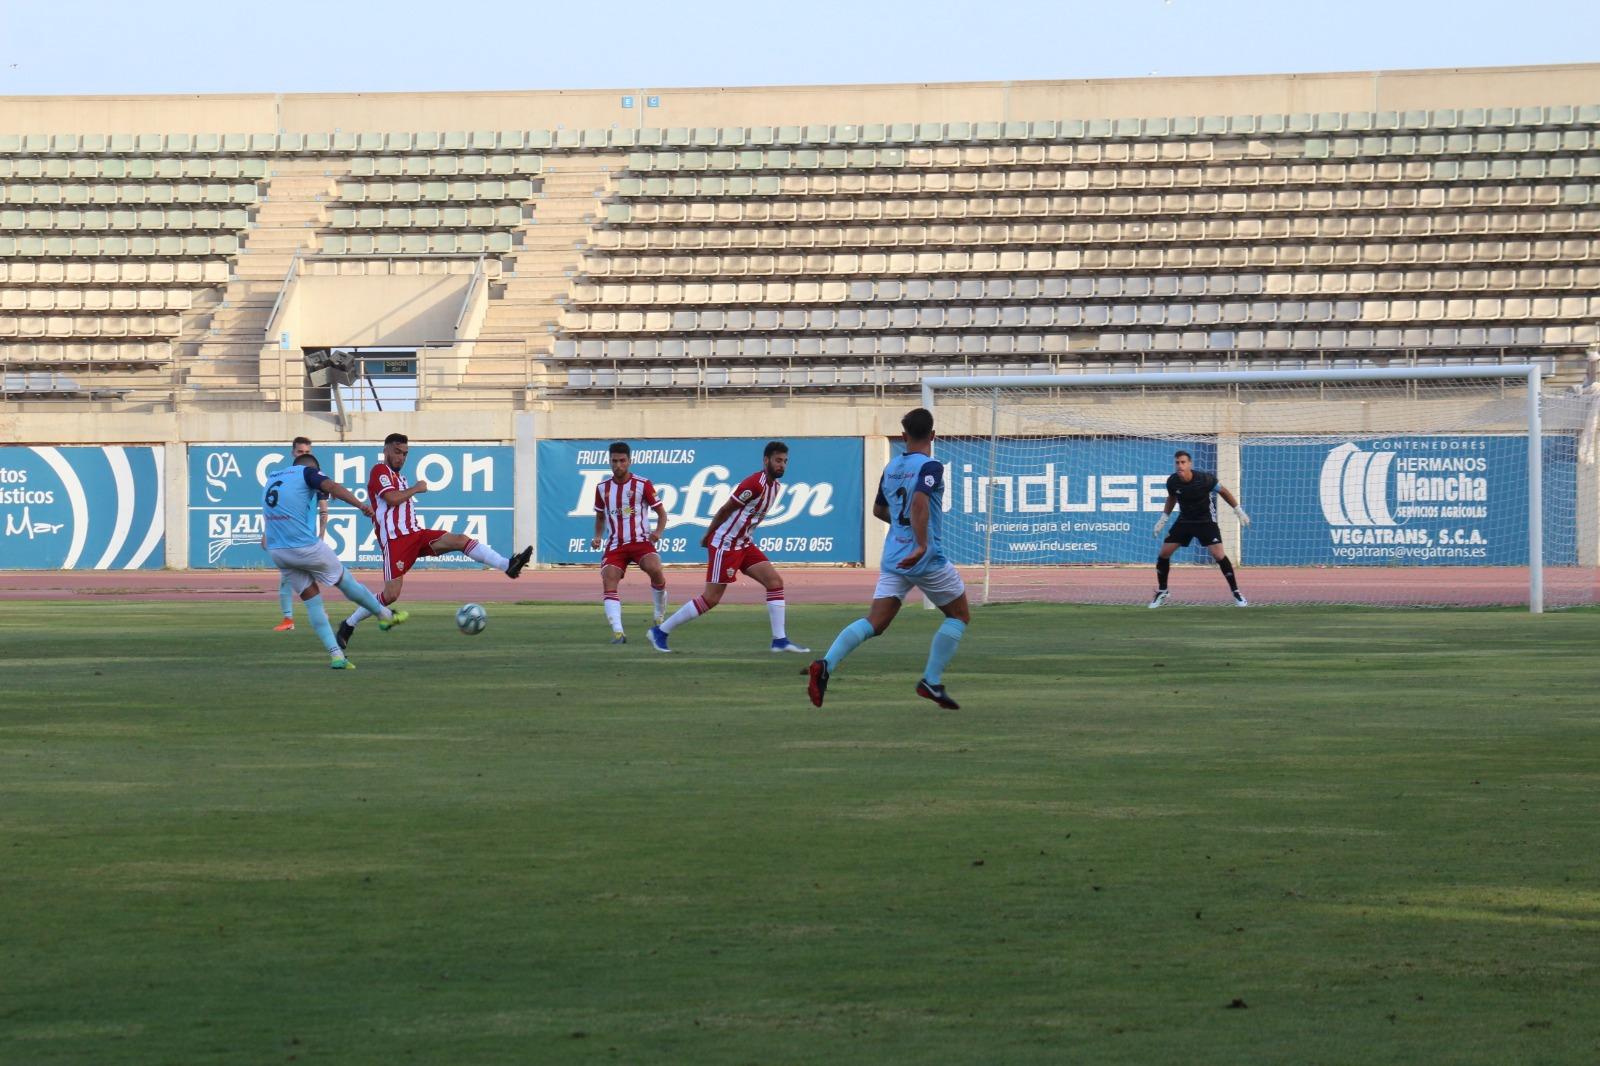 El CD El Ejido afronta este domingo el derbi frente al Almería B con máxima concentración y motivación